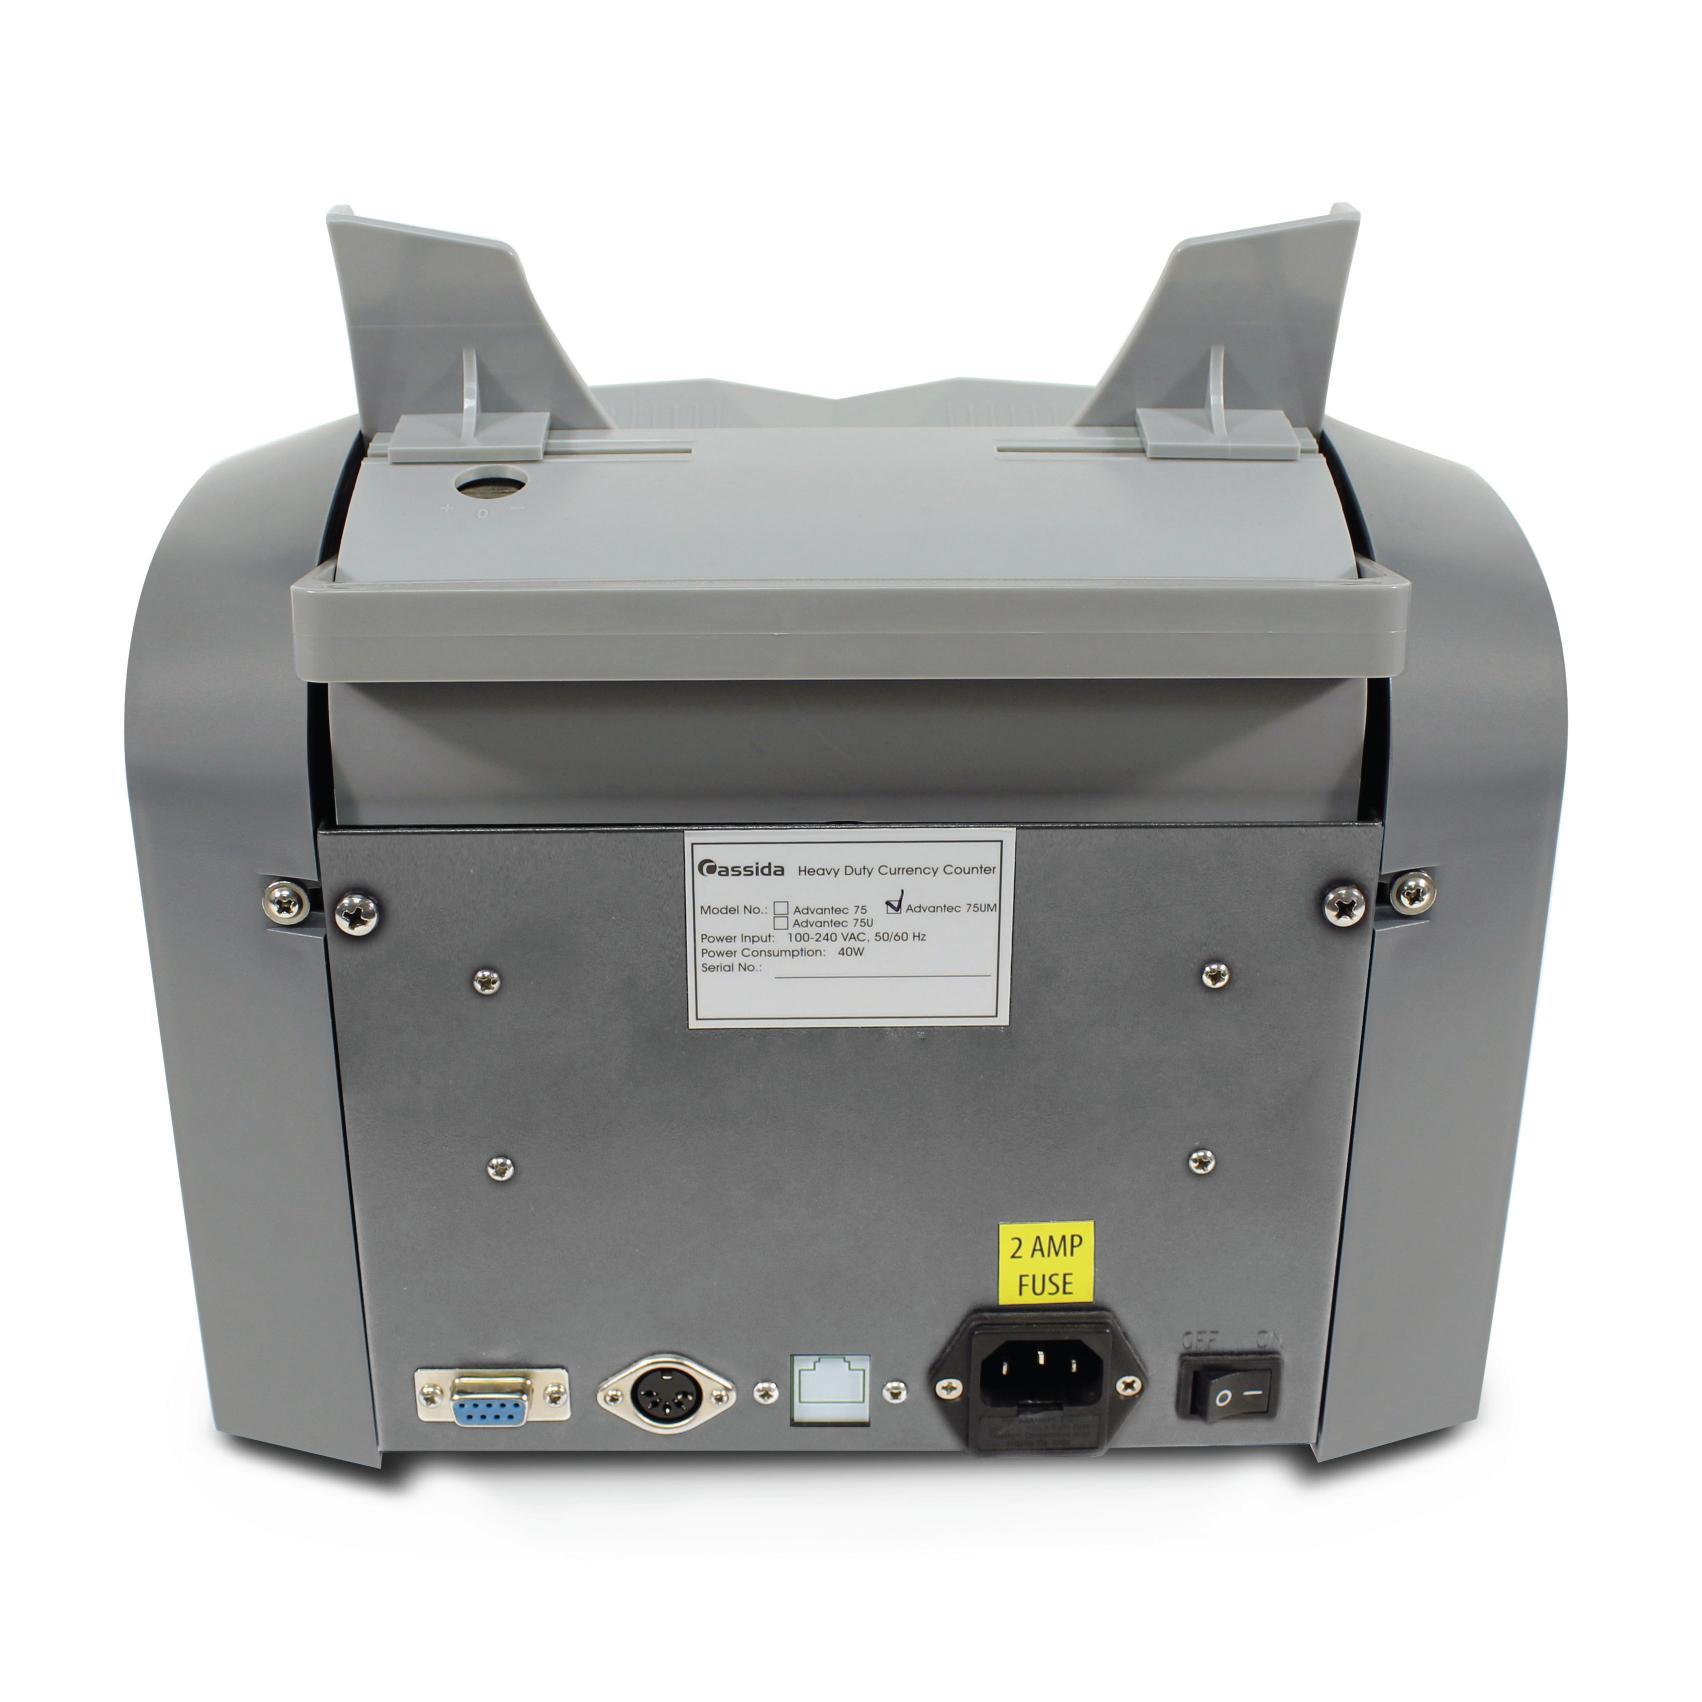 Advantec75 UV/MG